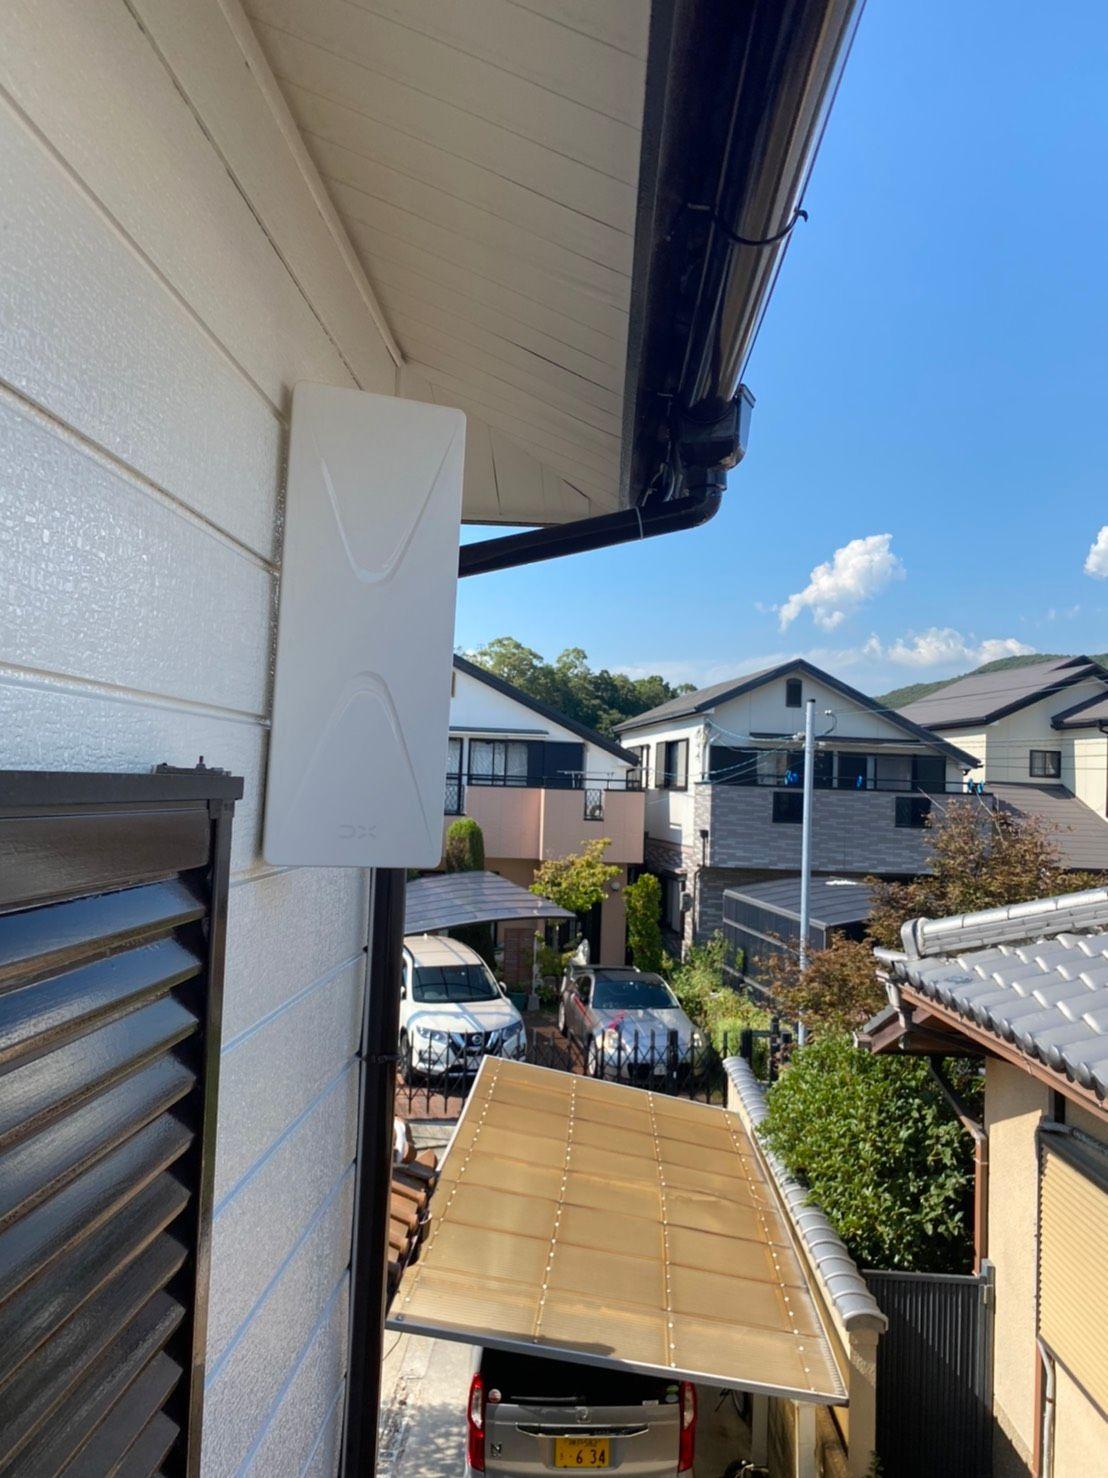 デザインアンテナ壁面設置 DXアンテナ(兵庫県神戸市)